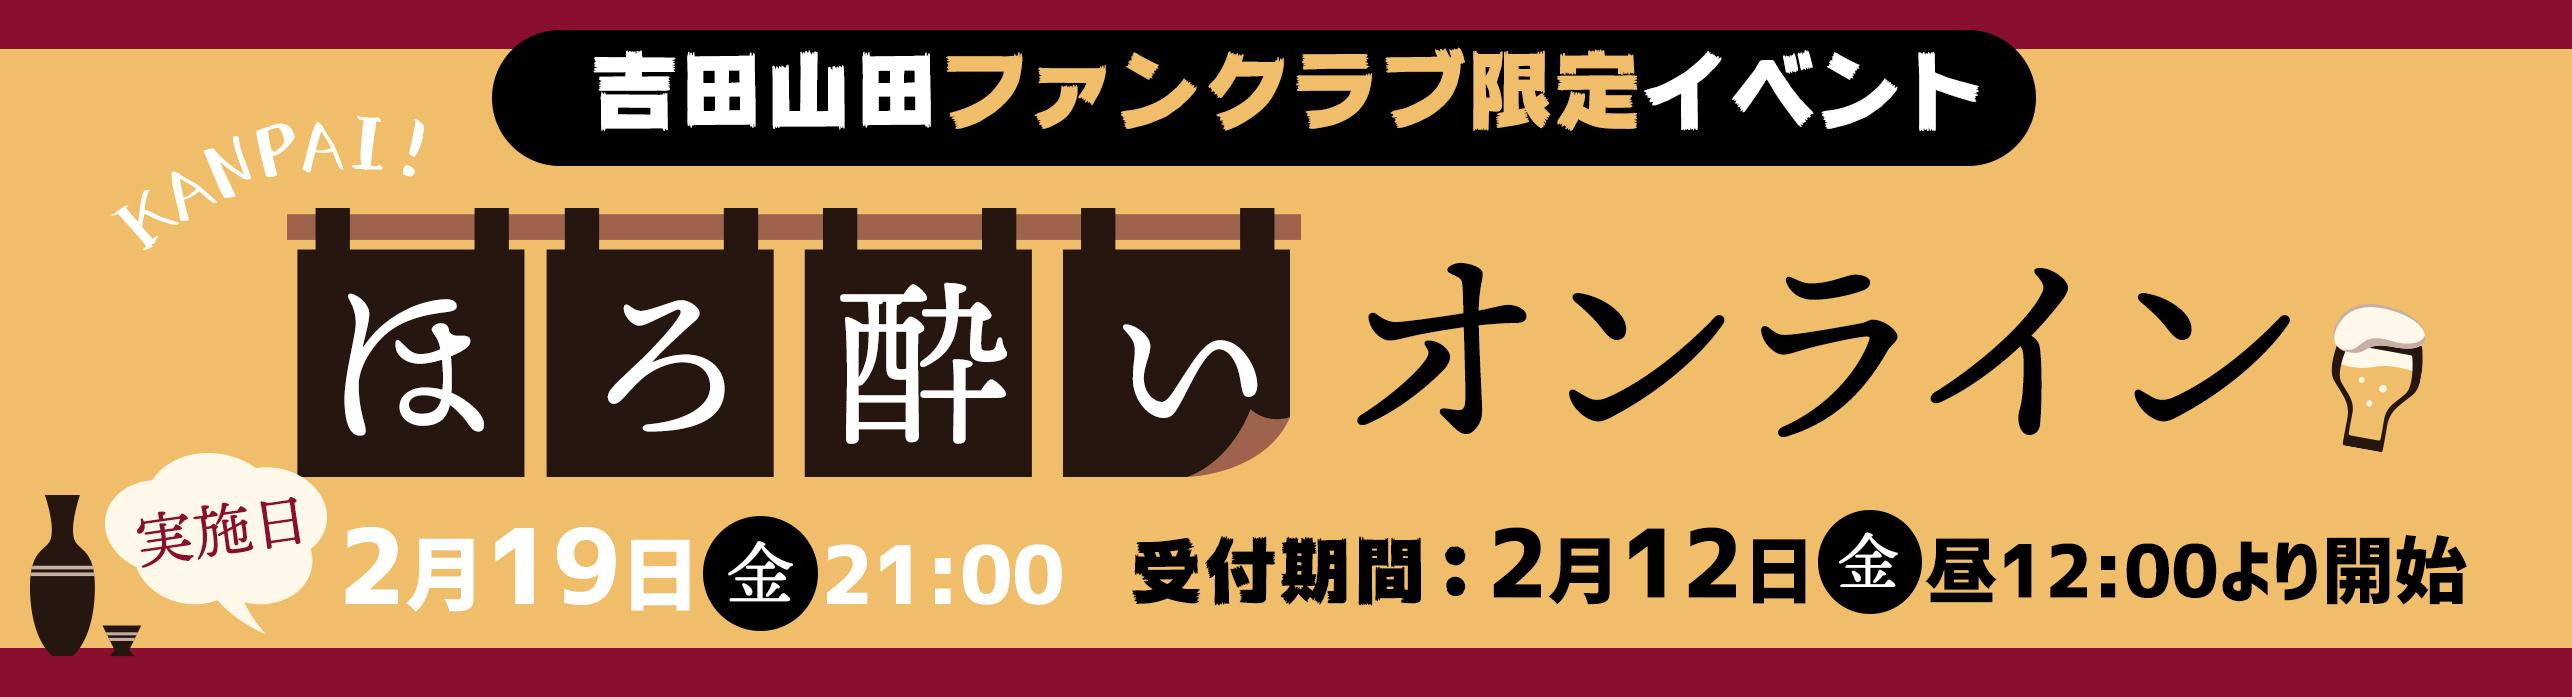 吉田山田FC有料会員限定オンラインイベント『ほろ酔いオンライン』